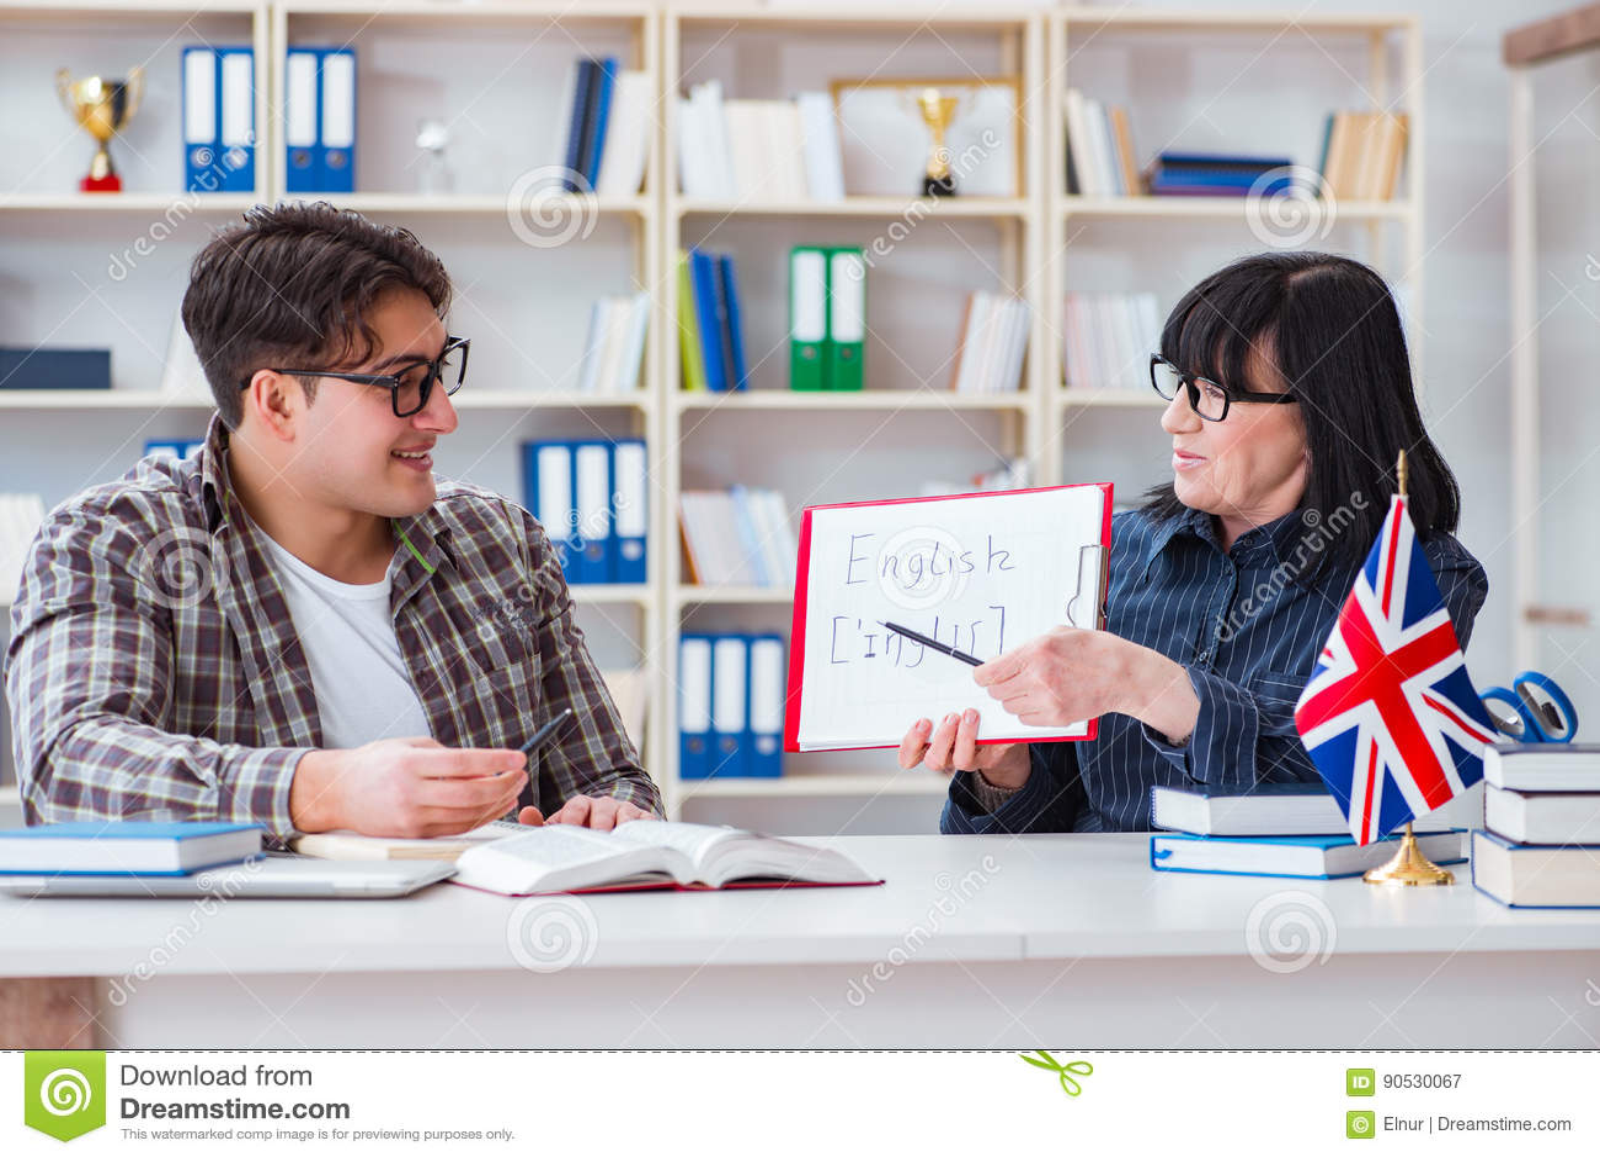 O estudante estrangeiro novo durante a lição de língua inglesa